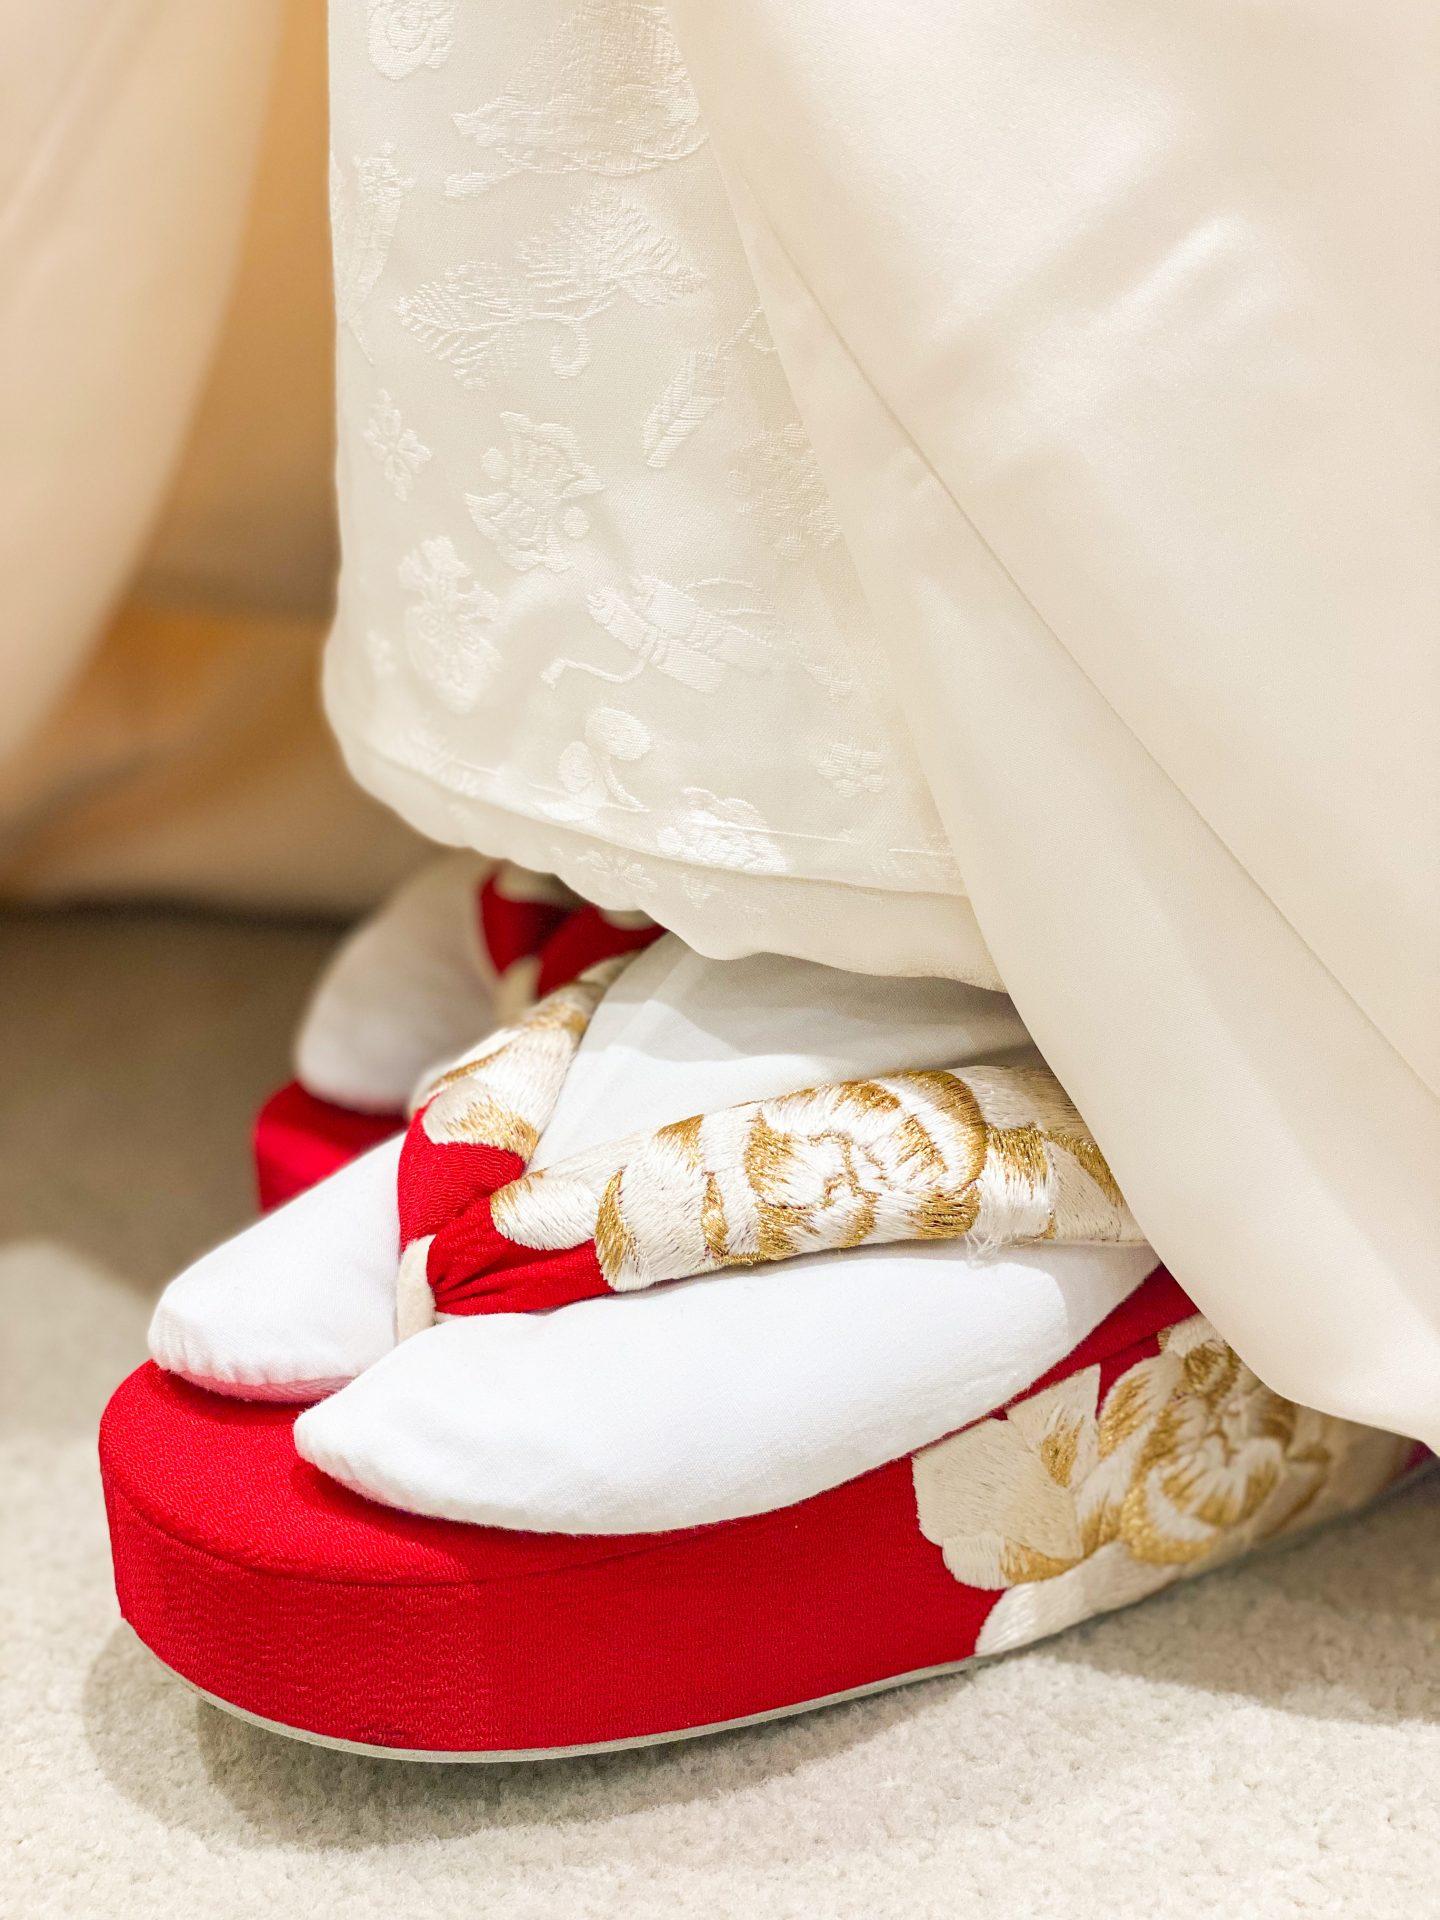 金糸の牡丹柄の刺繍が美しい赤の草履を白無垢に合わせる事で目を惹く存在に